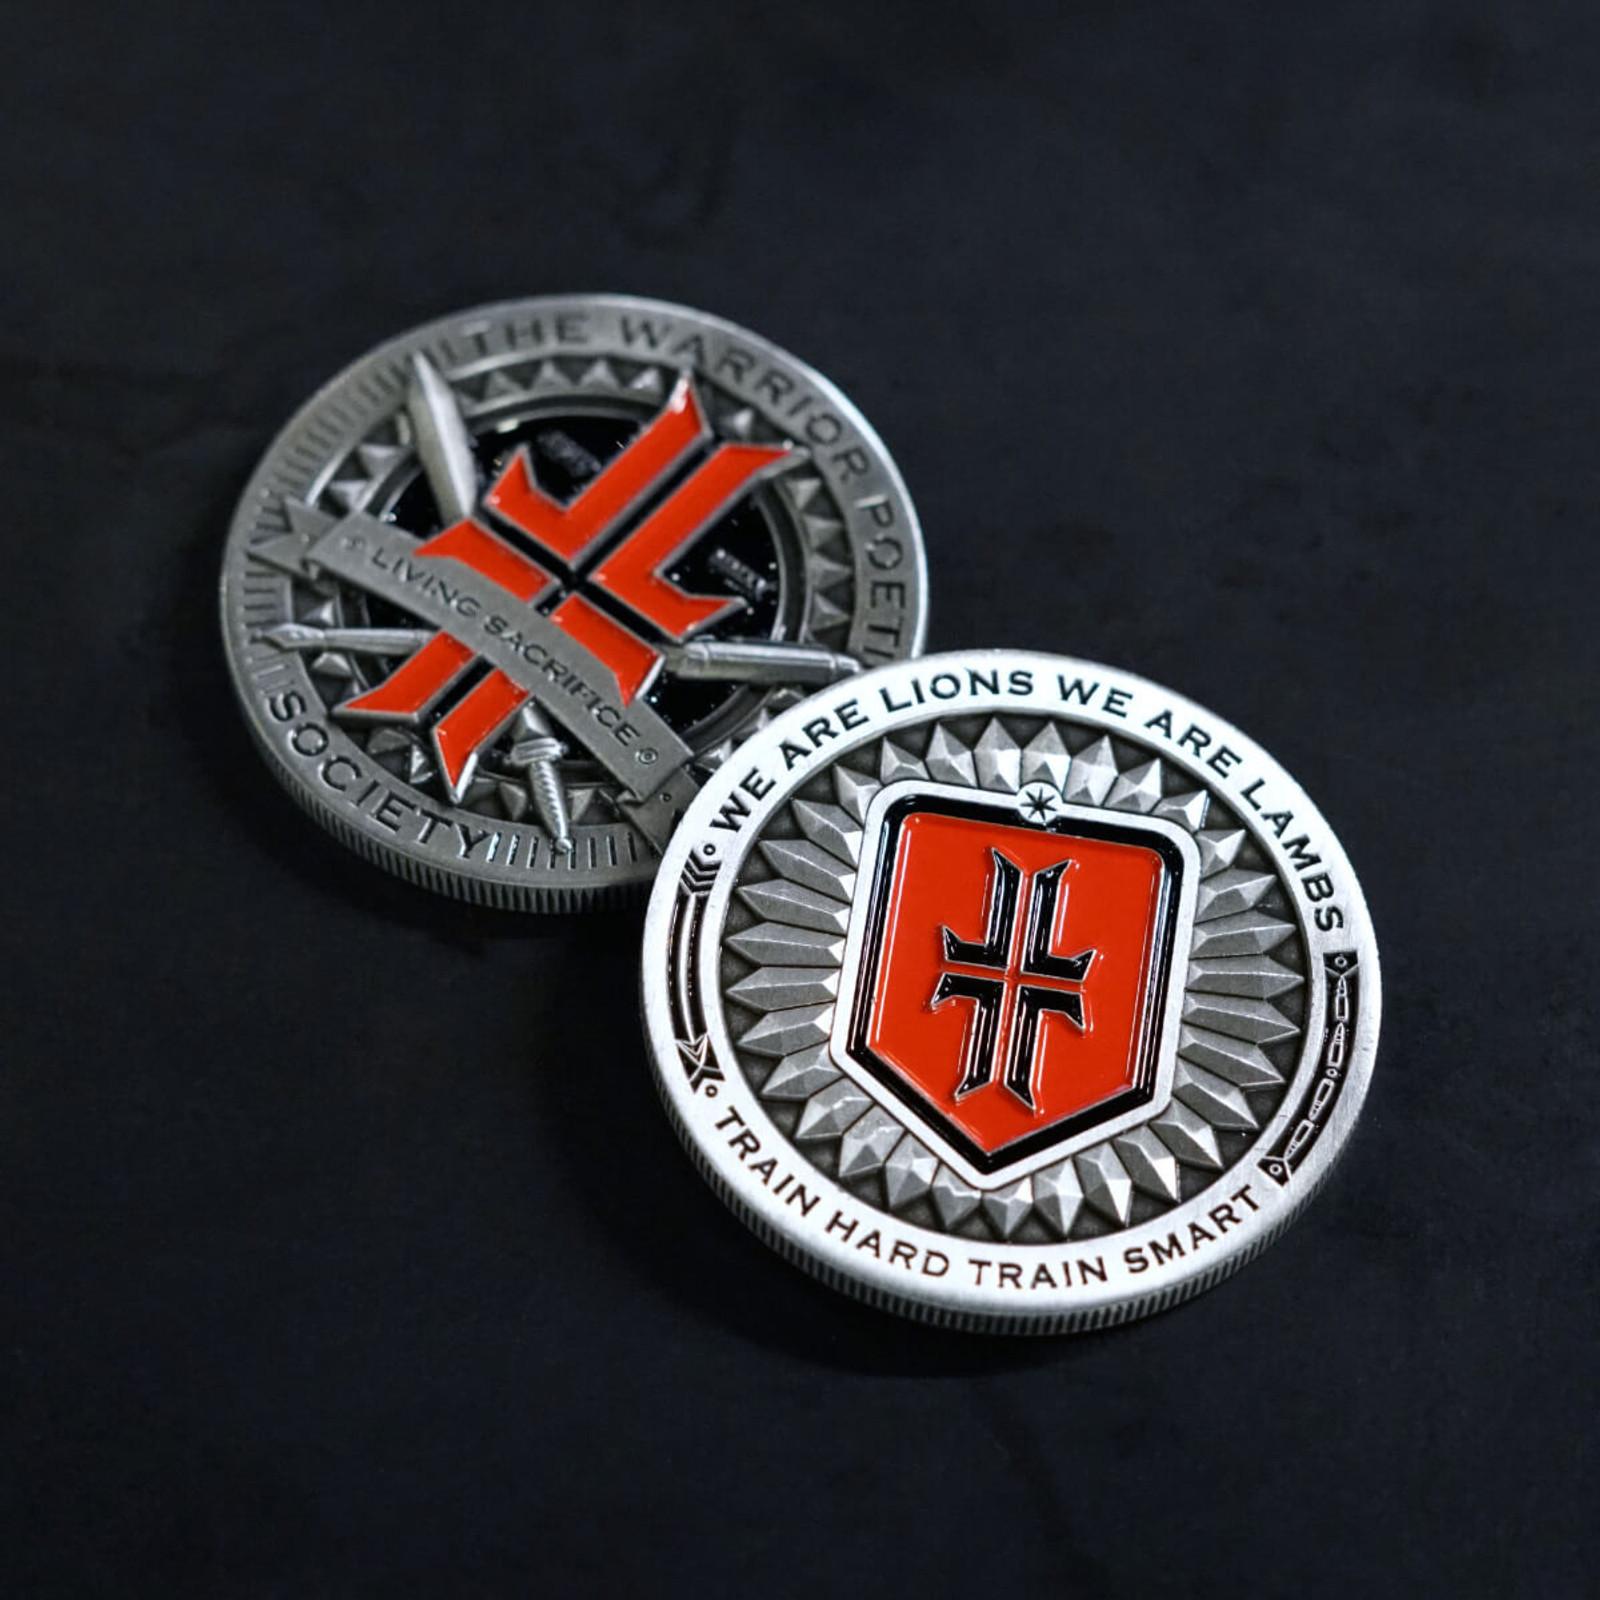 WPS Challenge Coin